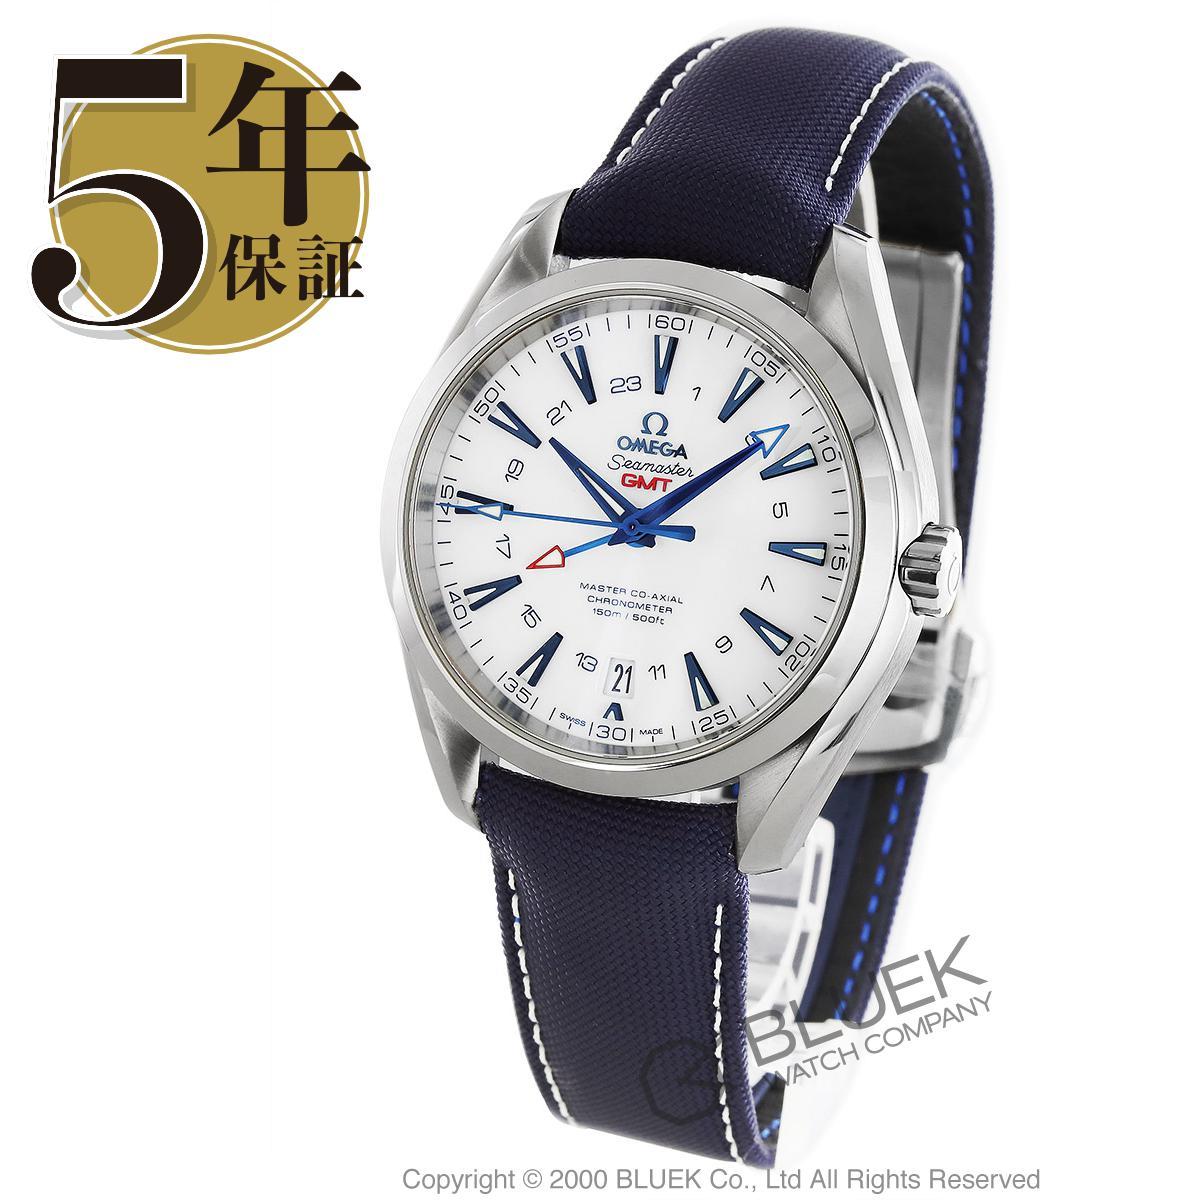 オメガ シーマスター アクアテラ グッドプラネット GMT 腕時計 メンズ OMEGA 231.92.43.22.04.001_5